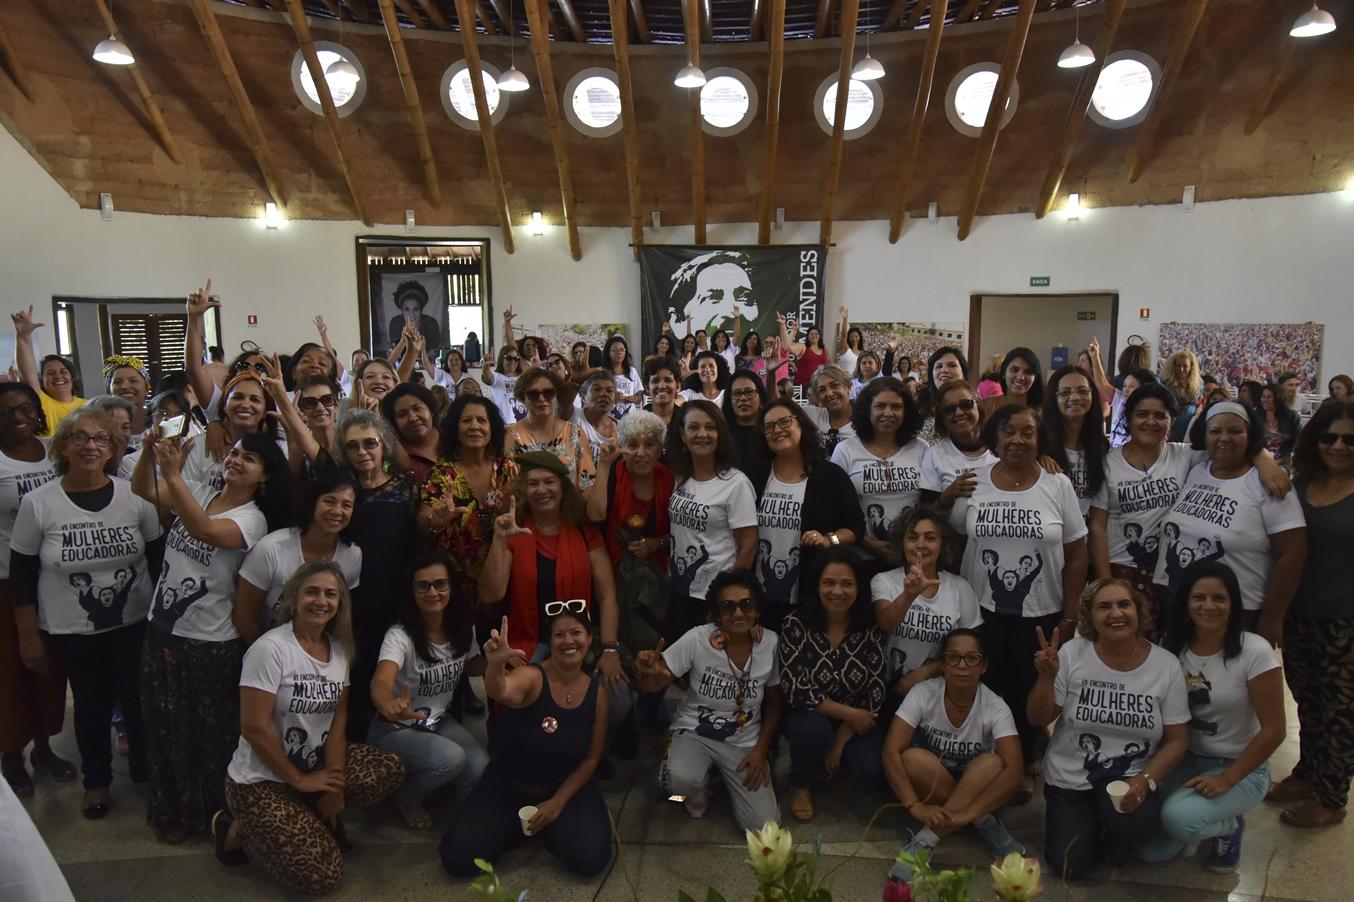 2019.04.27_ENCONTRO-MULHERES-EDUCADORAS_fotos-Deva-Garcia-49